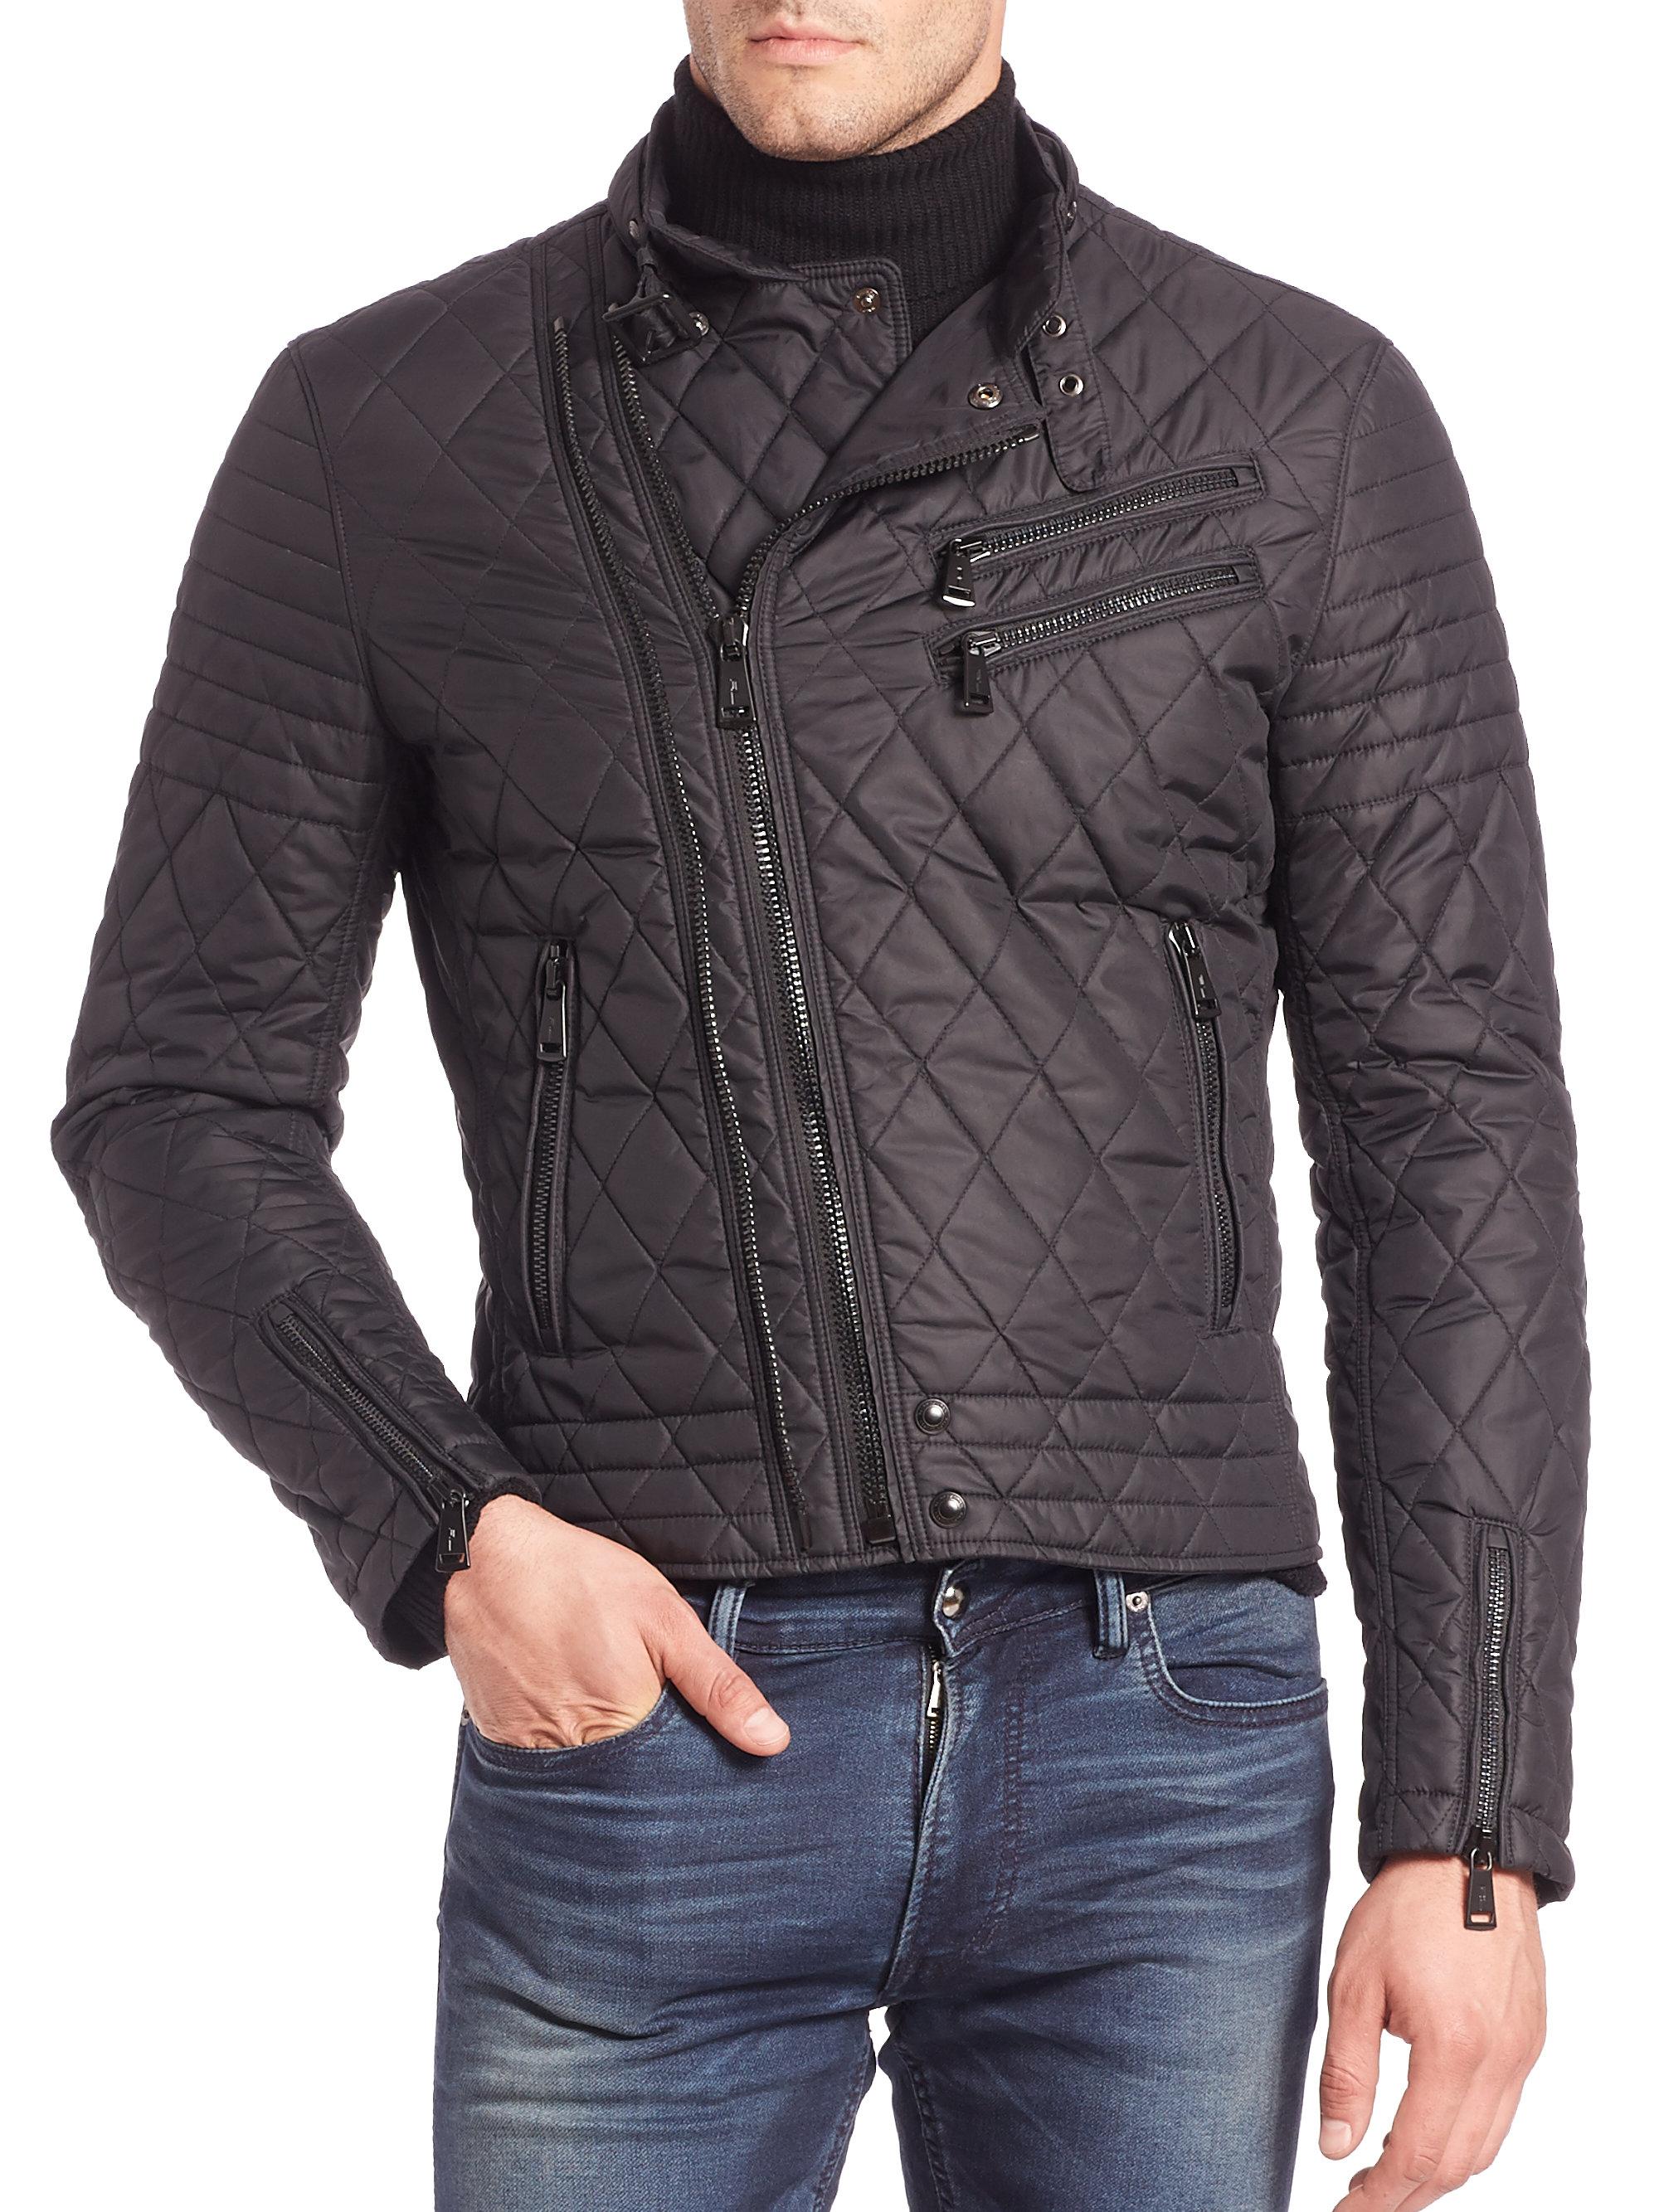 lyst ralph lauren black label grand prix jacket in black for men. Black Bedroom Furniture Sets. Home Design Ideas